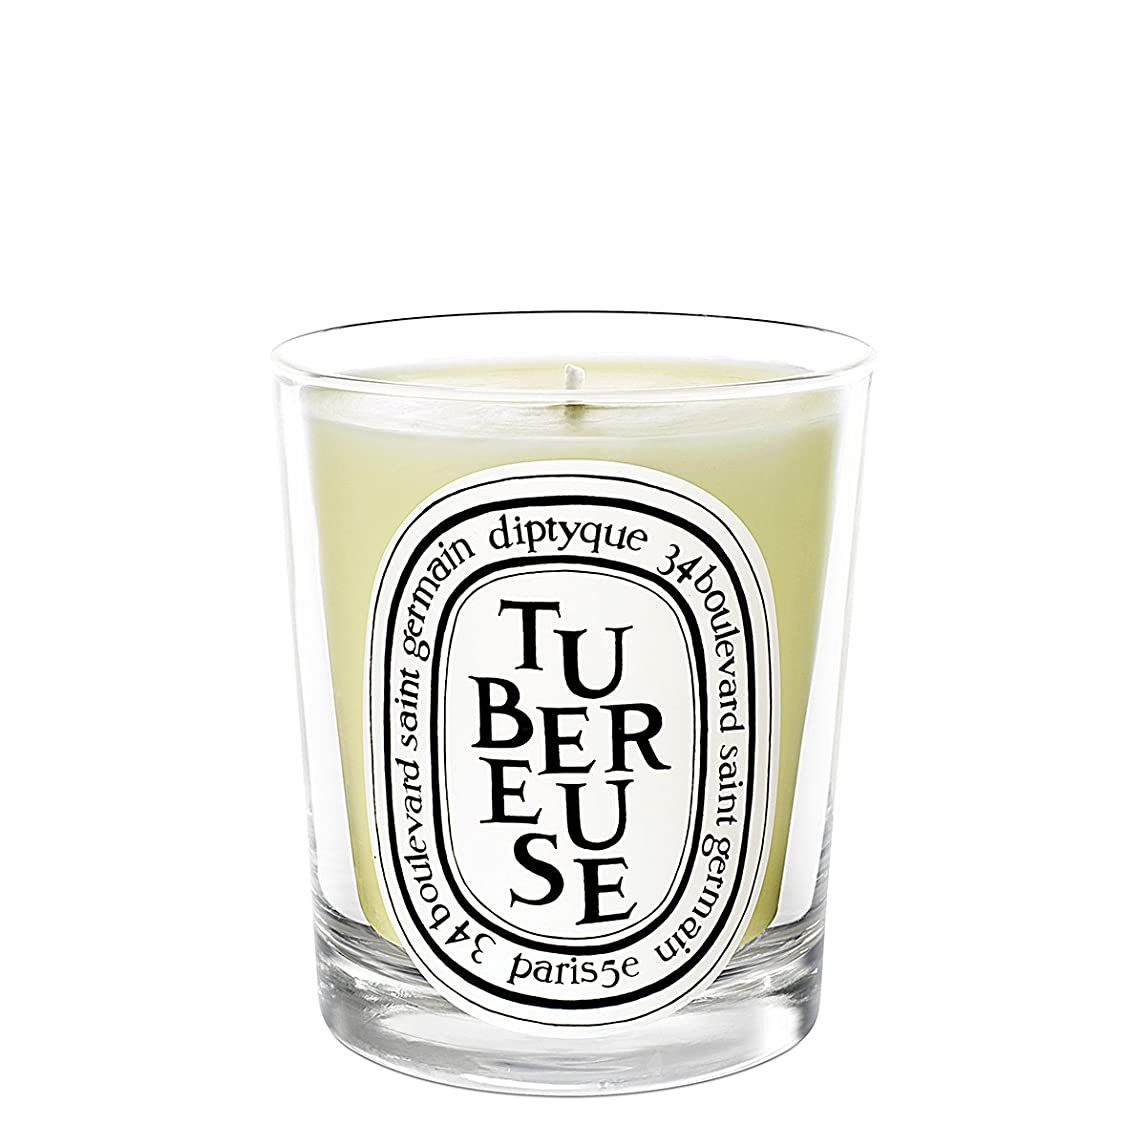 意識ガム矩形ディプティック Scented Candle - Tubereuse (Tuberose) 70g/2.4oz並行輸入品